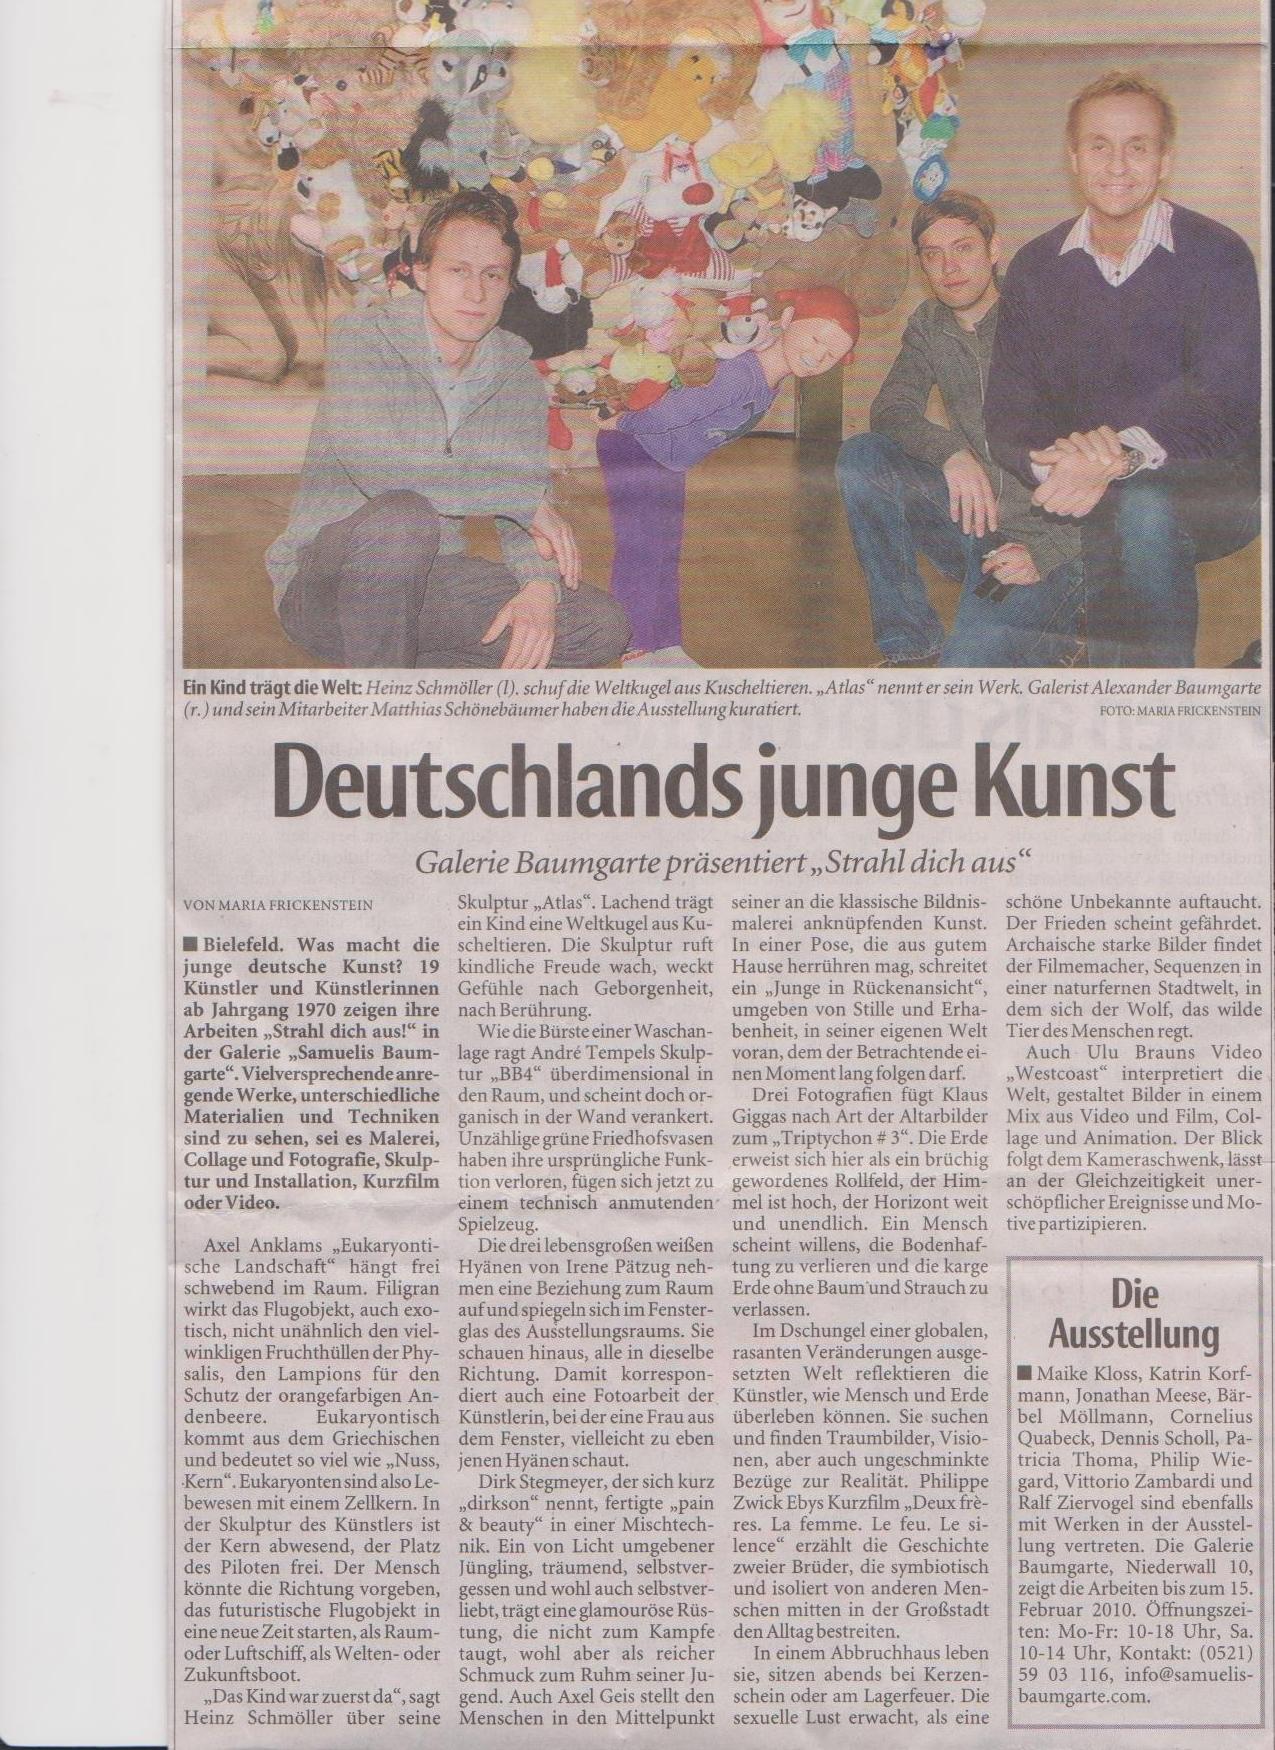 091209_Neue_Westfaelische_Deutschlands_junge_Kunst